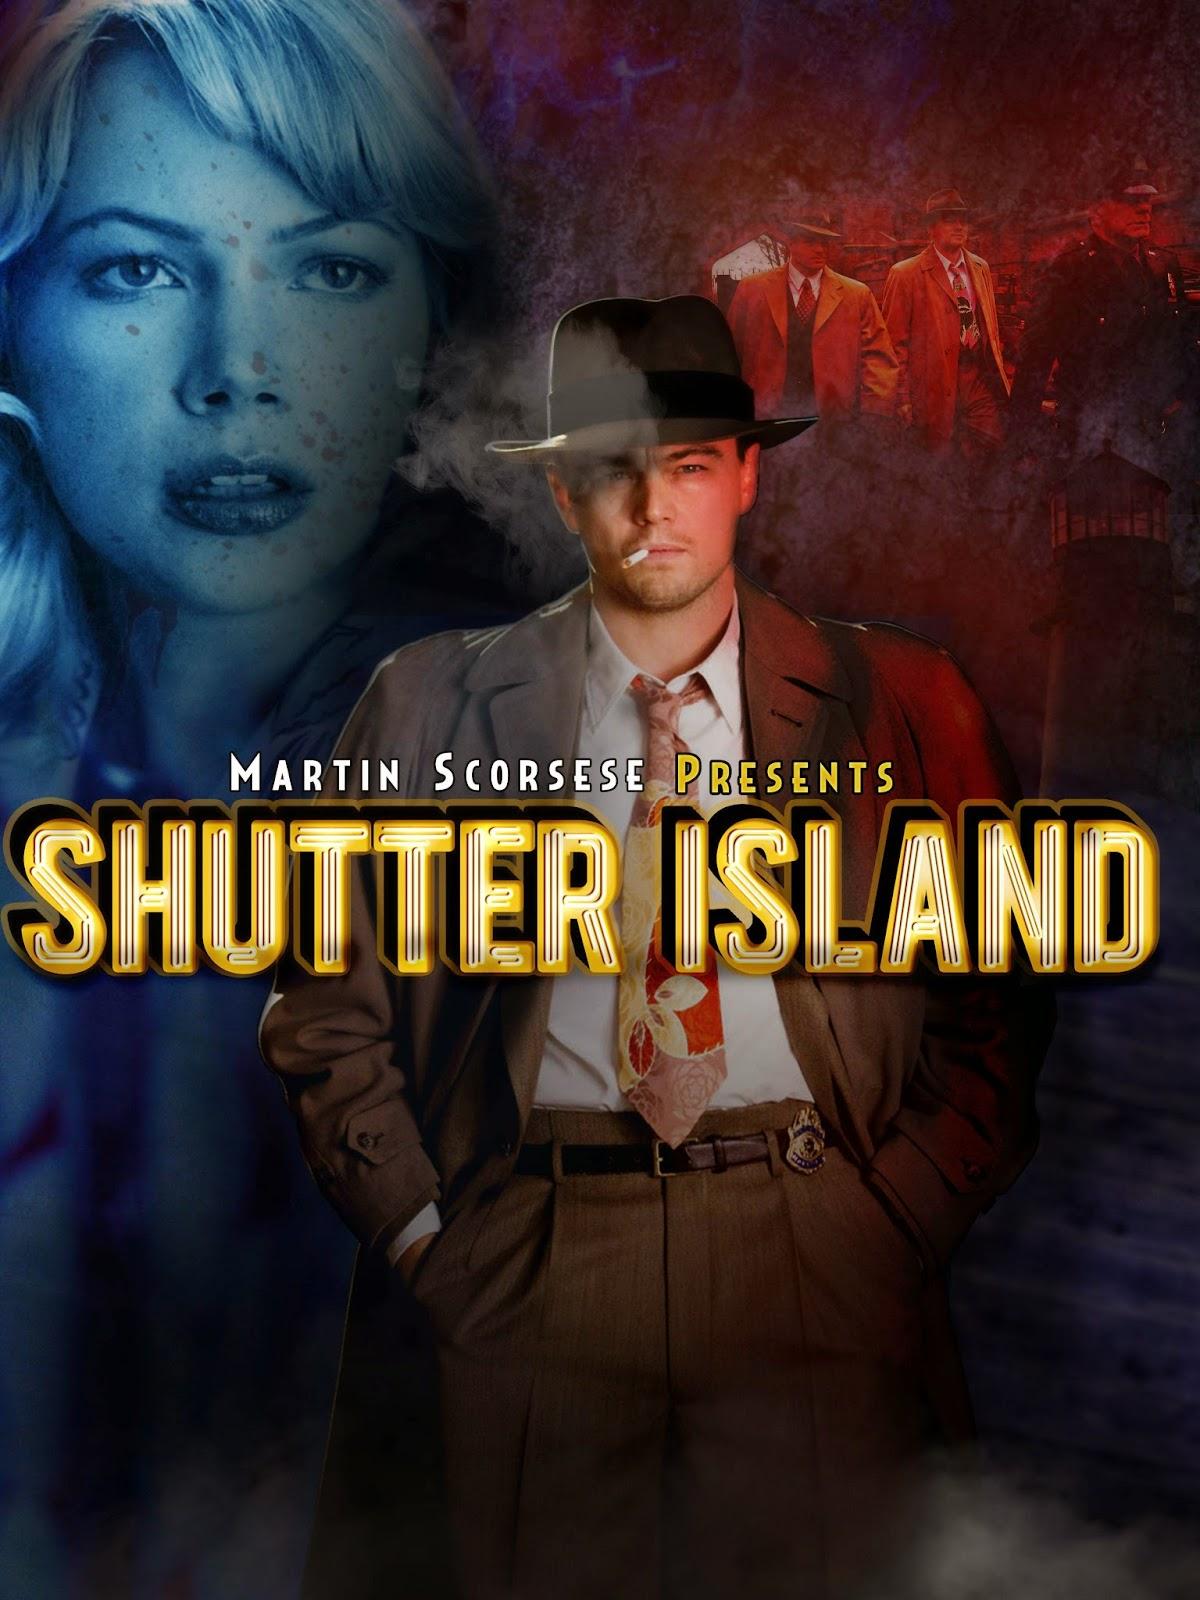 Shutter Island เกาะนรกซ่อนทมิฬ [HD][พากย์ไทย]